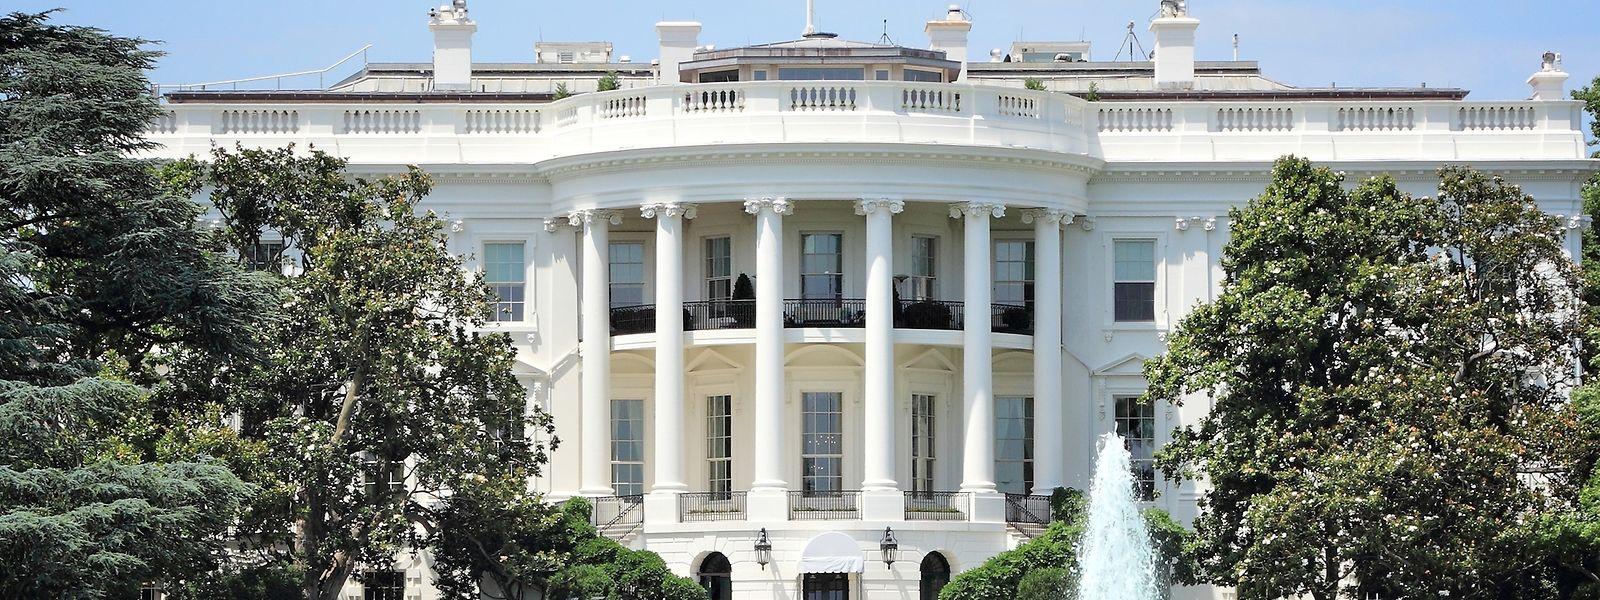 Hier wollen die Demokraten hin: Das Weiße Haus in Washington DC.